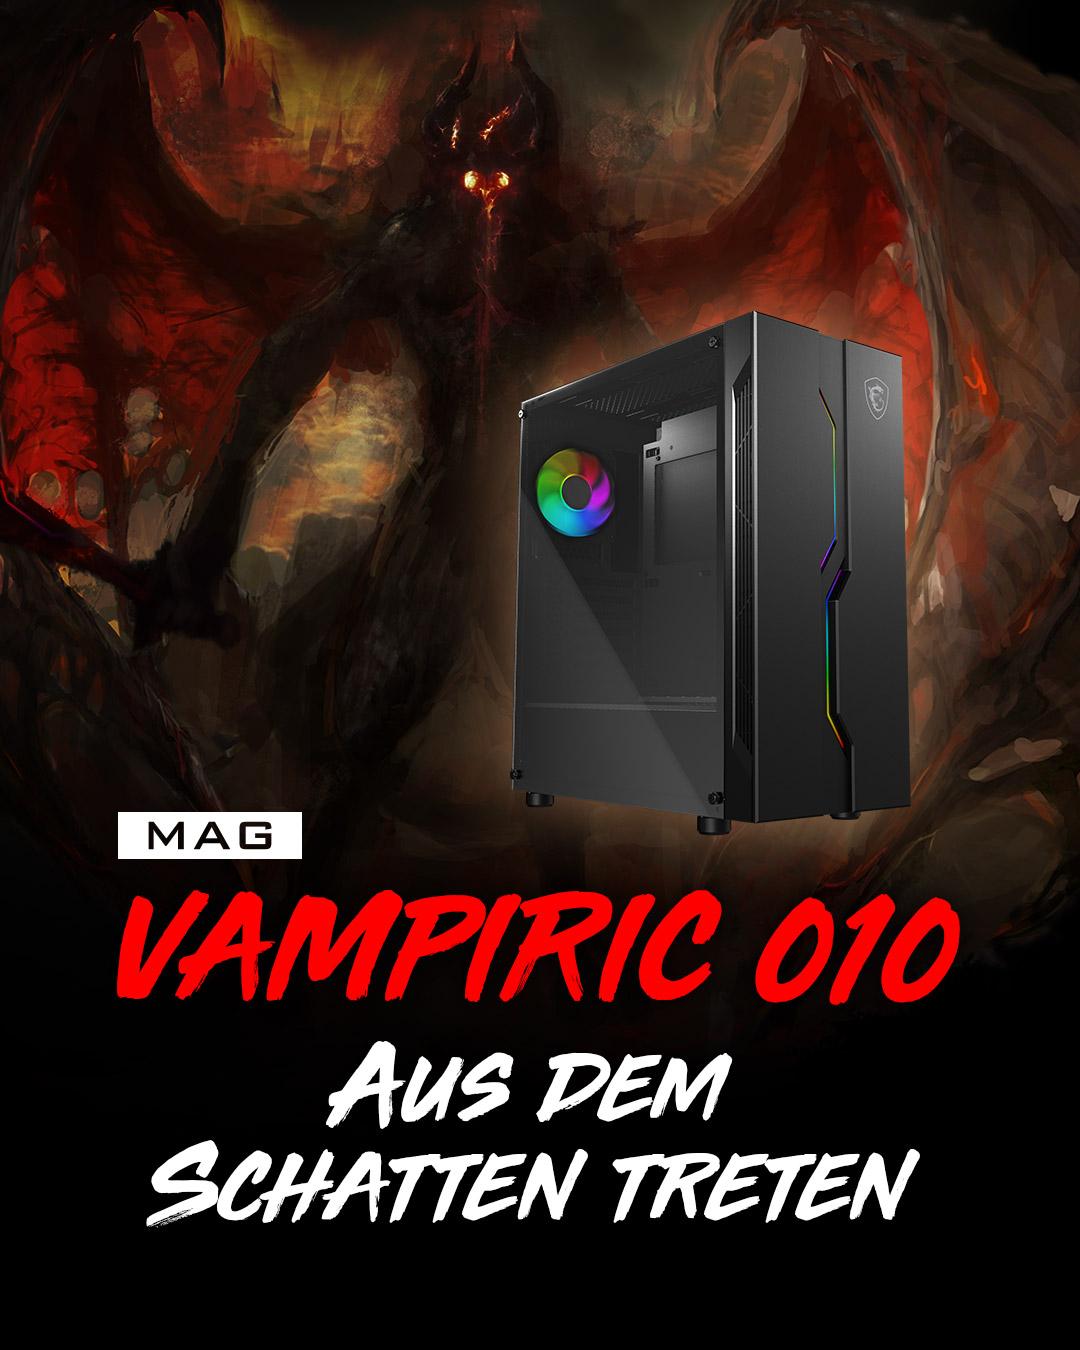 Vampiric 010